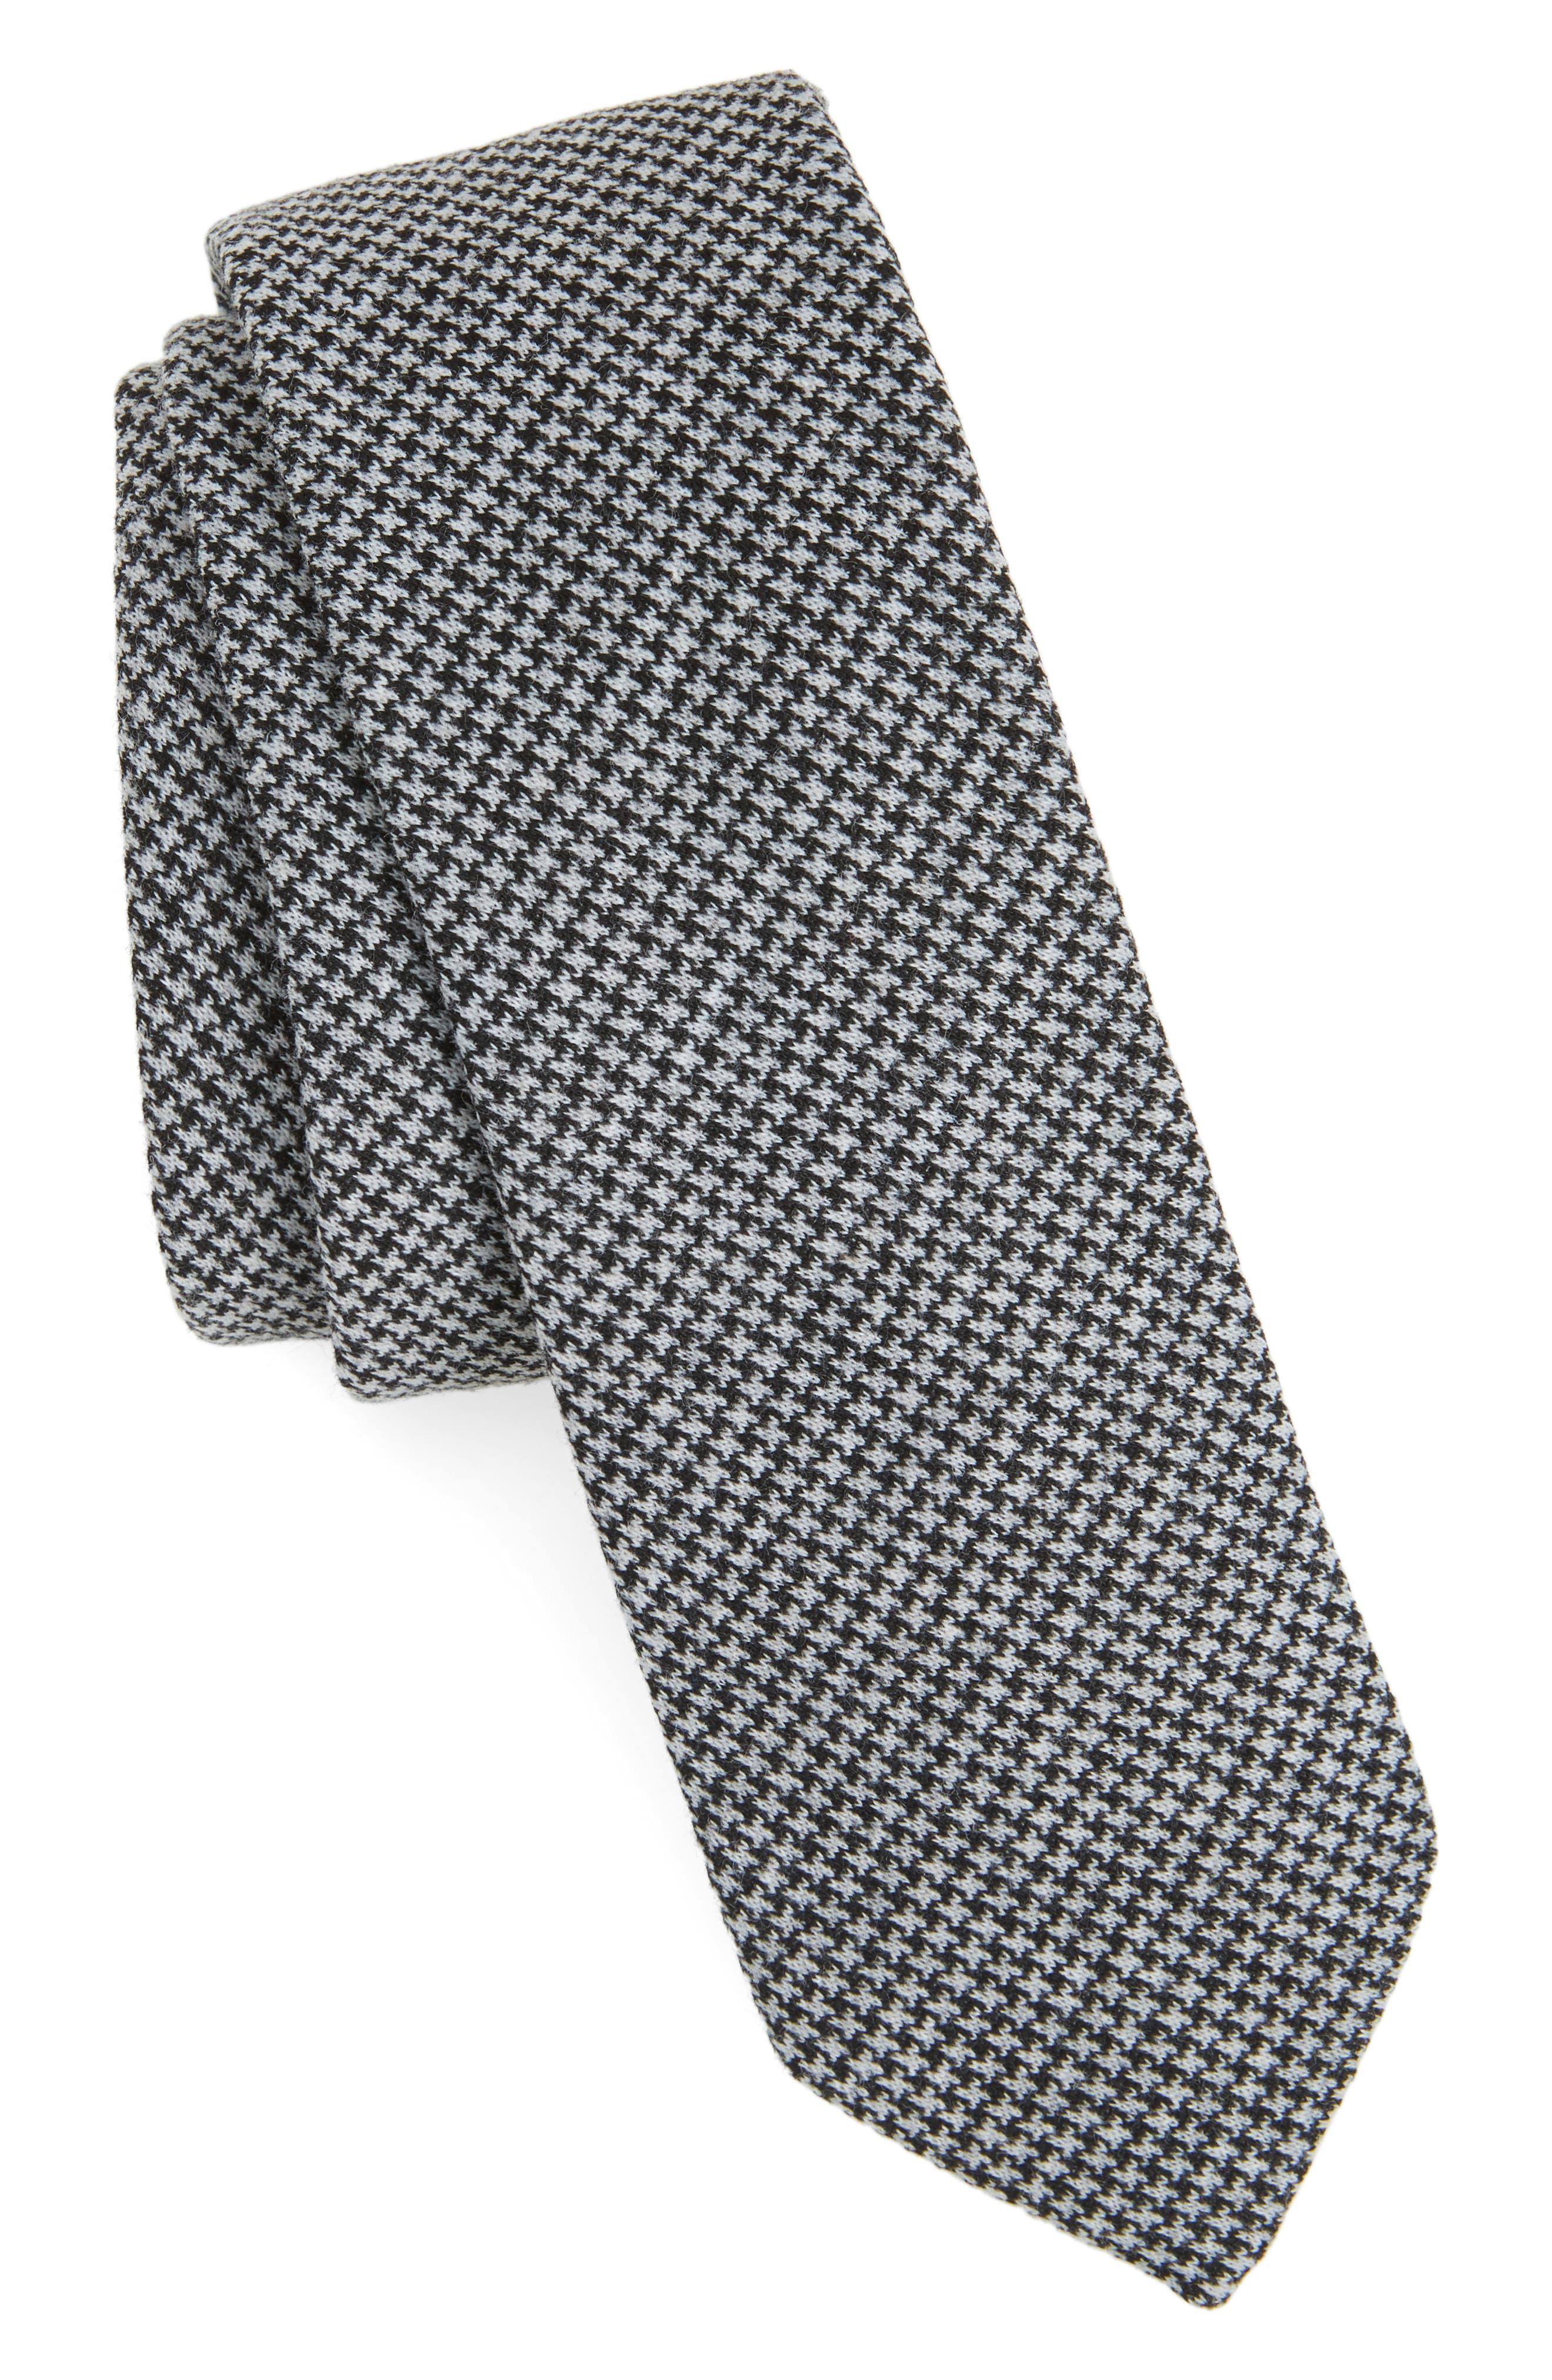 Walton Houndstooth Skinny Tie,                         Main,                         color, Navy